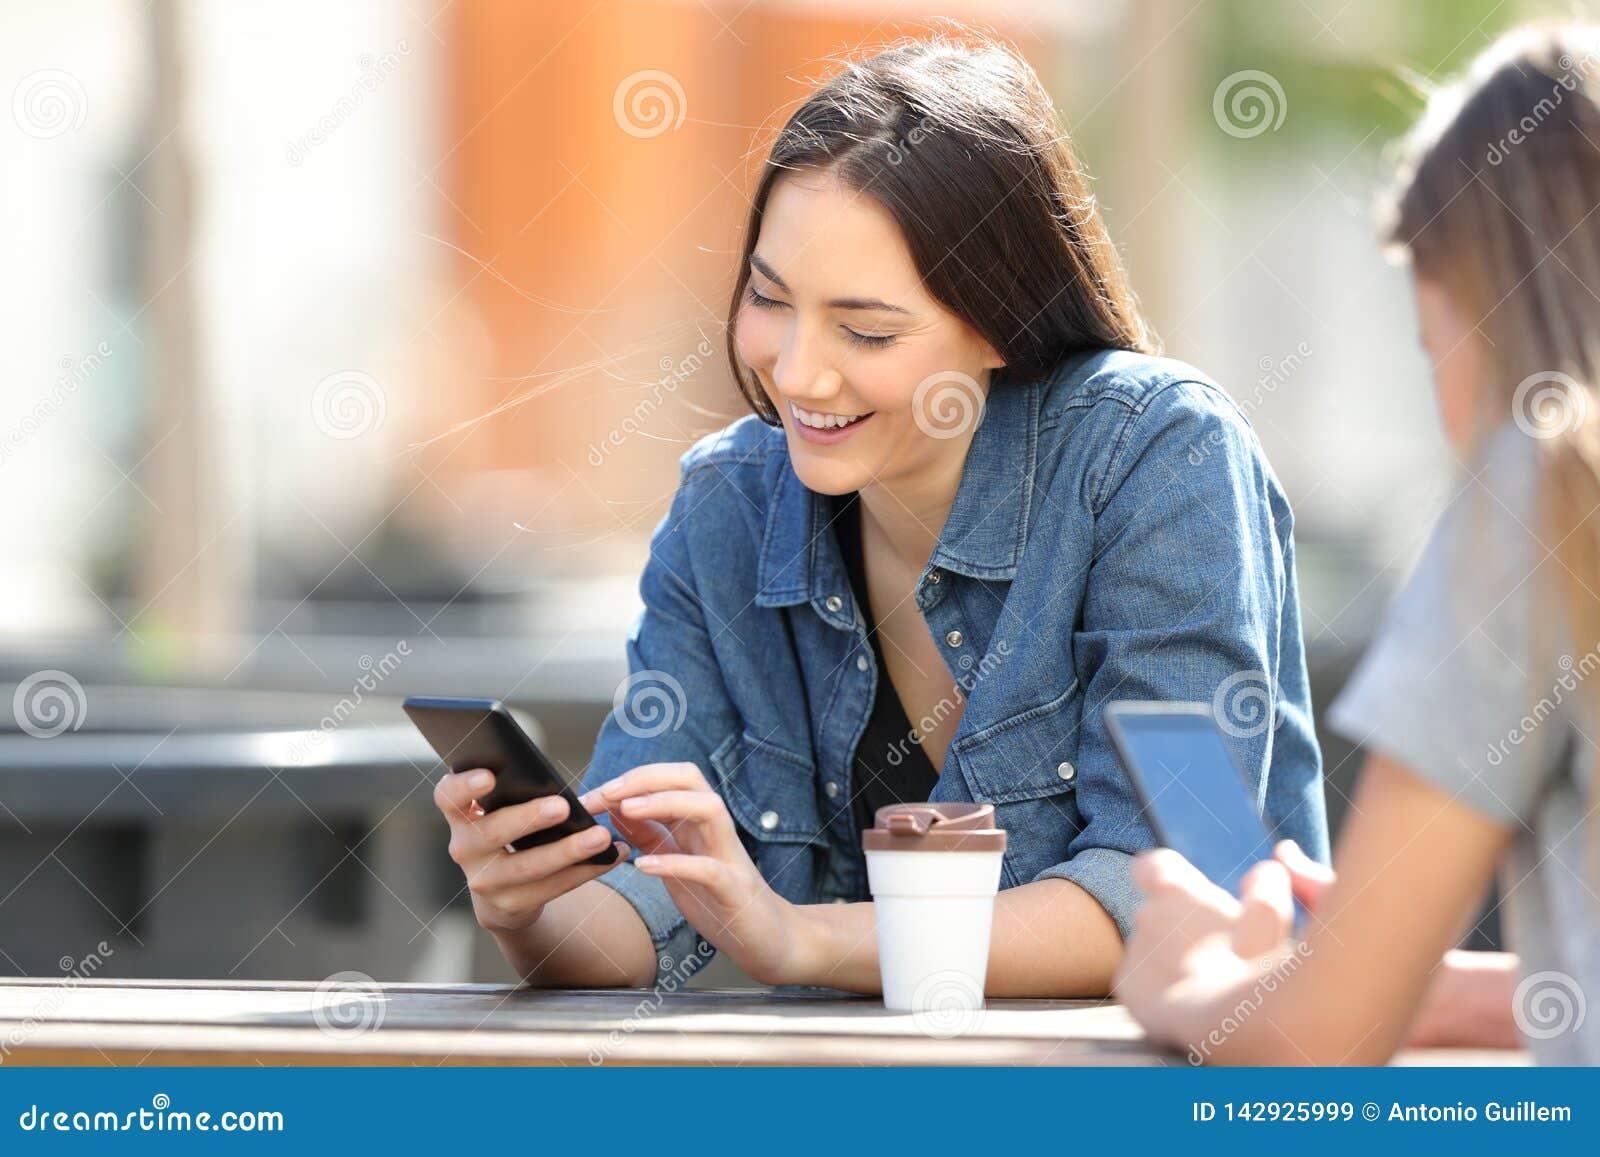 Mulheres felizes que usam telefones espertos em um parque